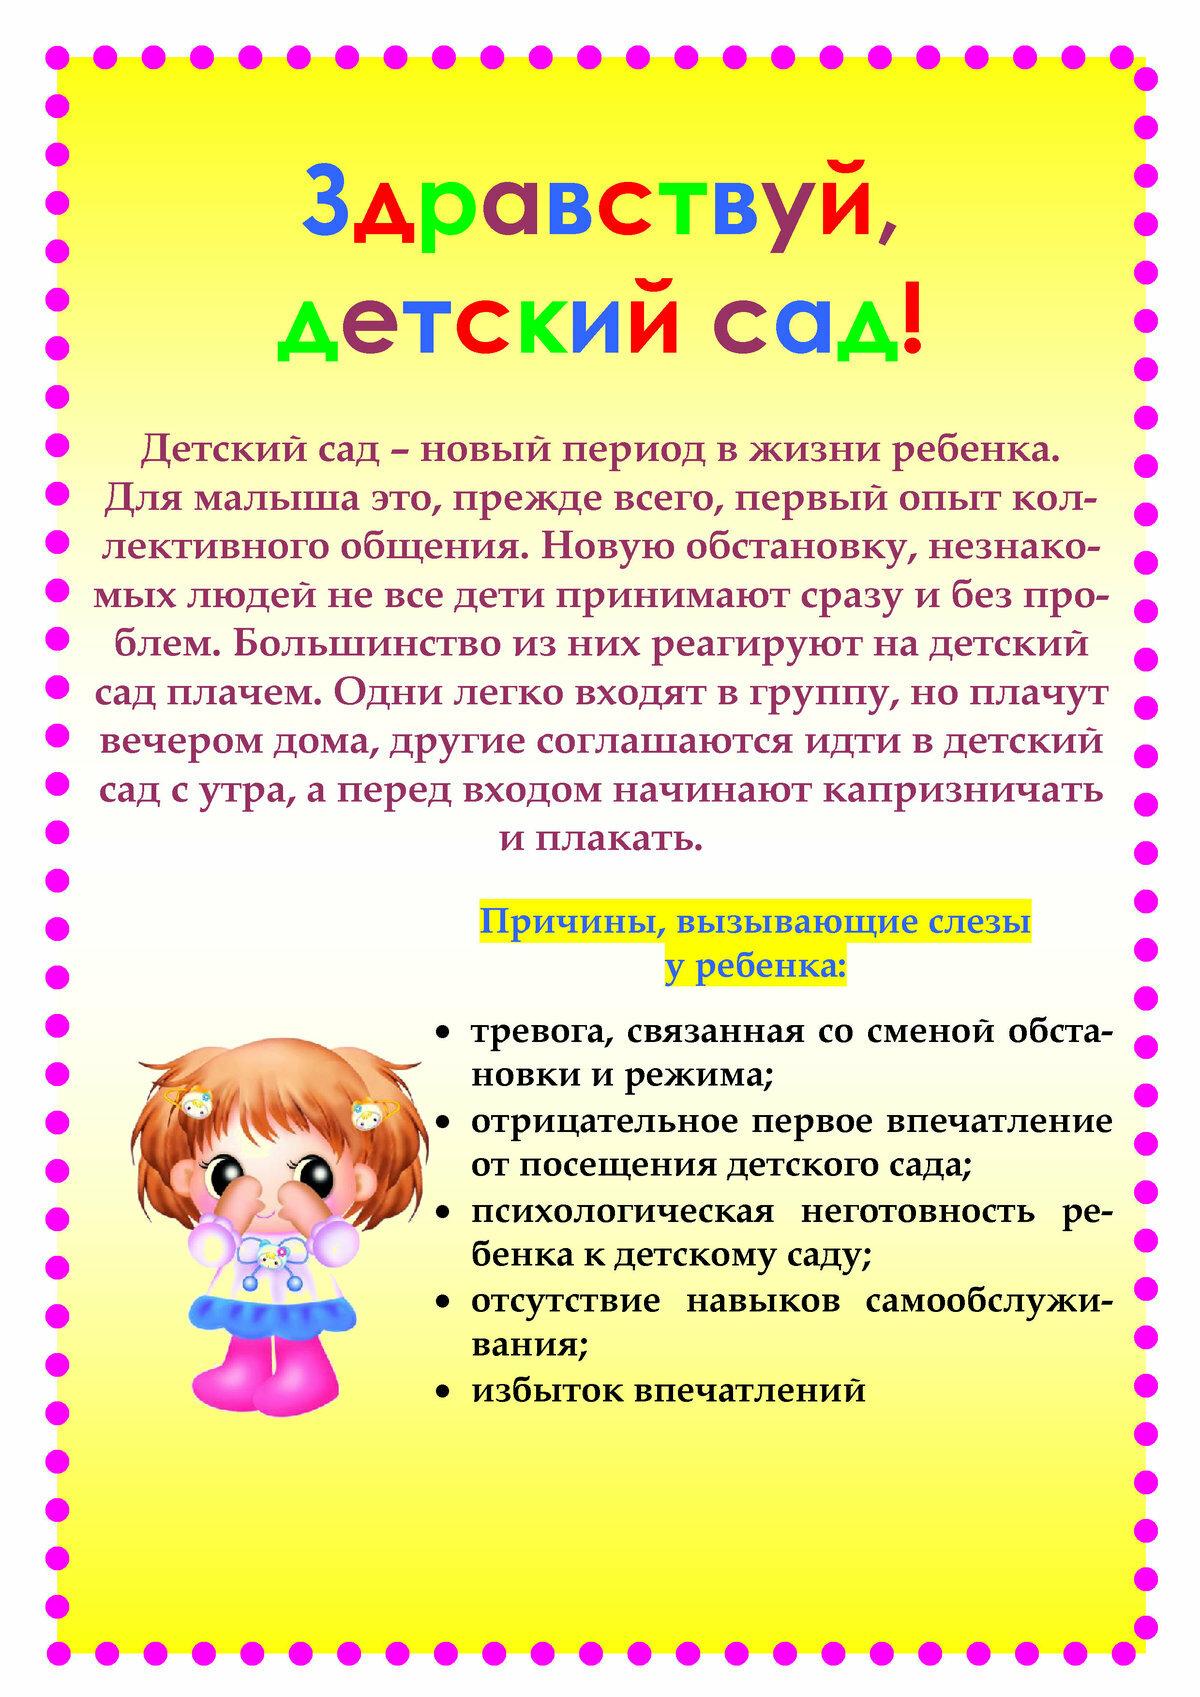 Детский сад: нужен ли ребенку и как подготовиться? 2 вопроса психологу. адаптация ребенка в детском саду